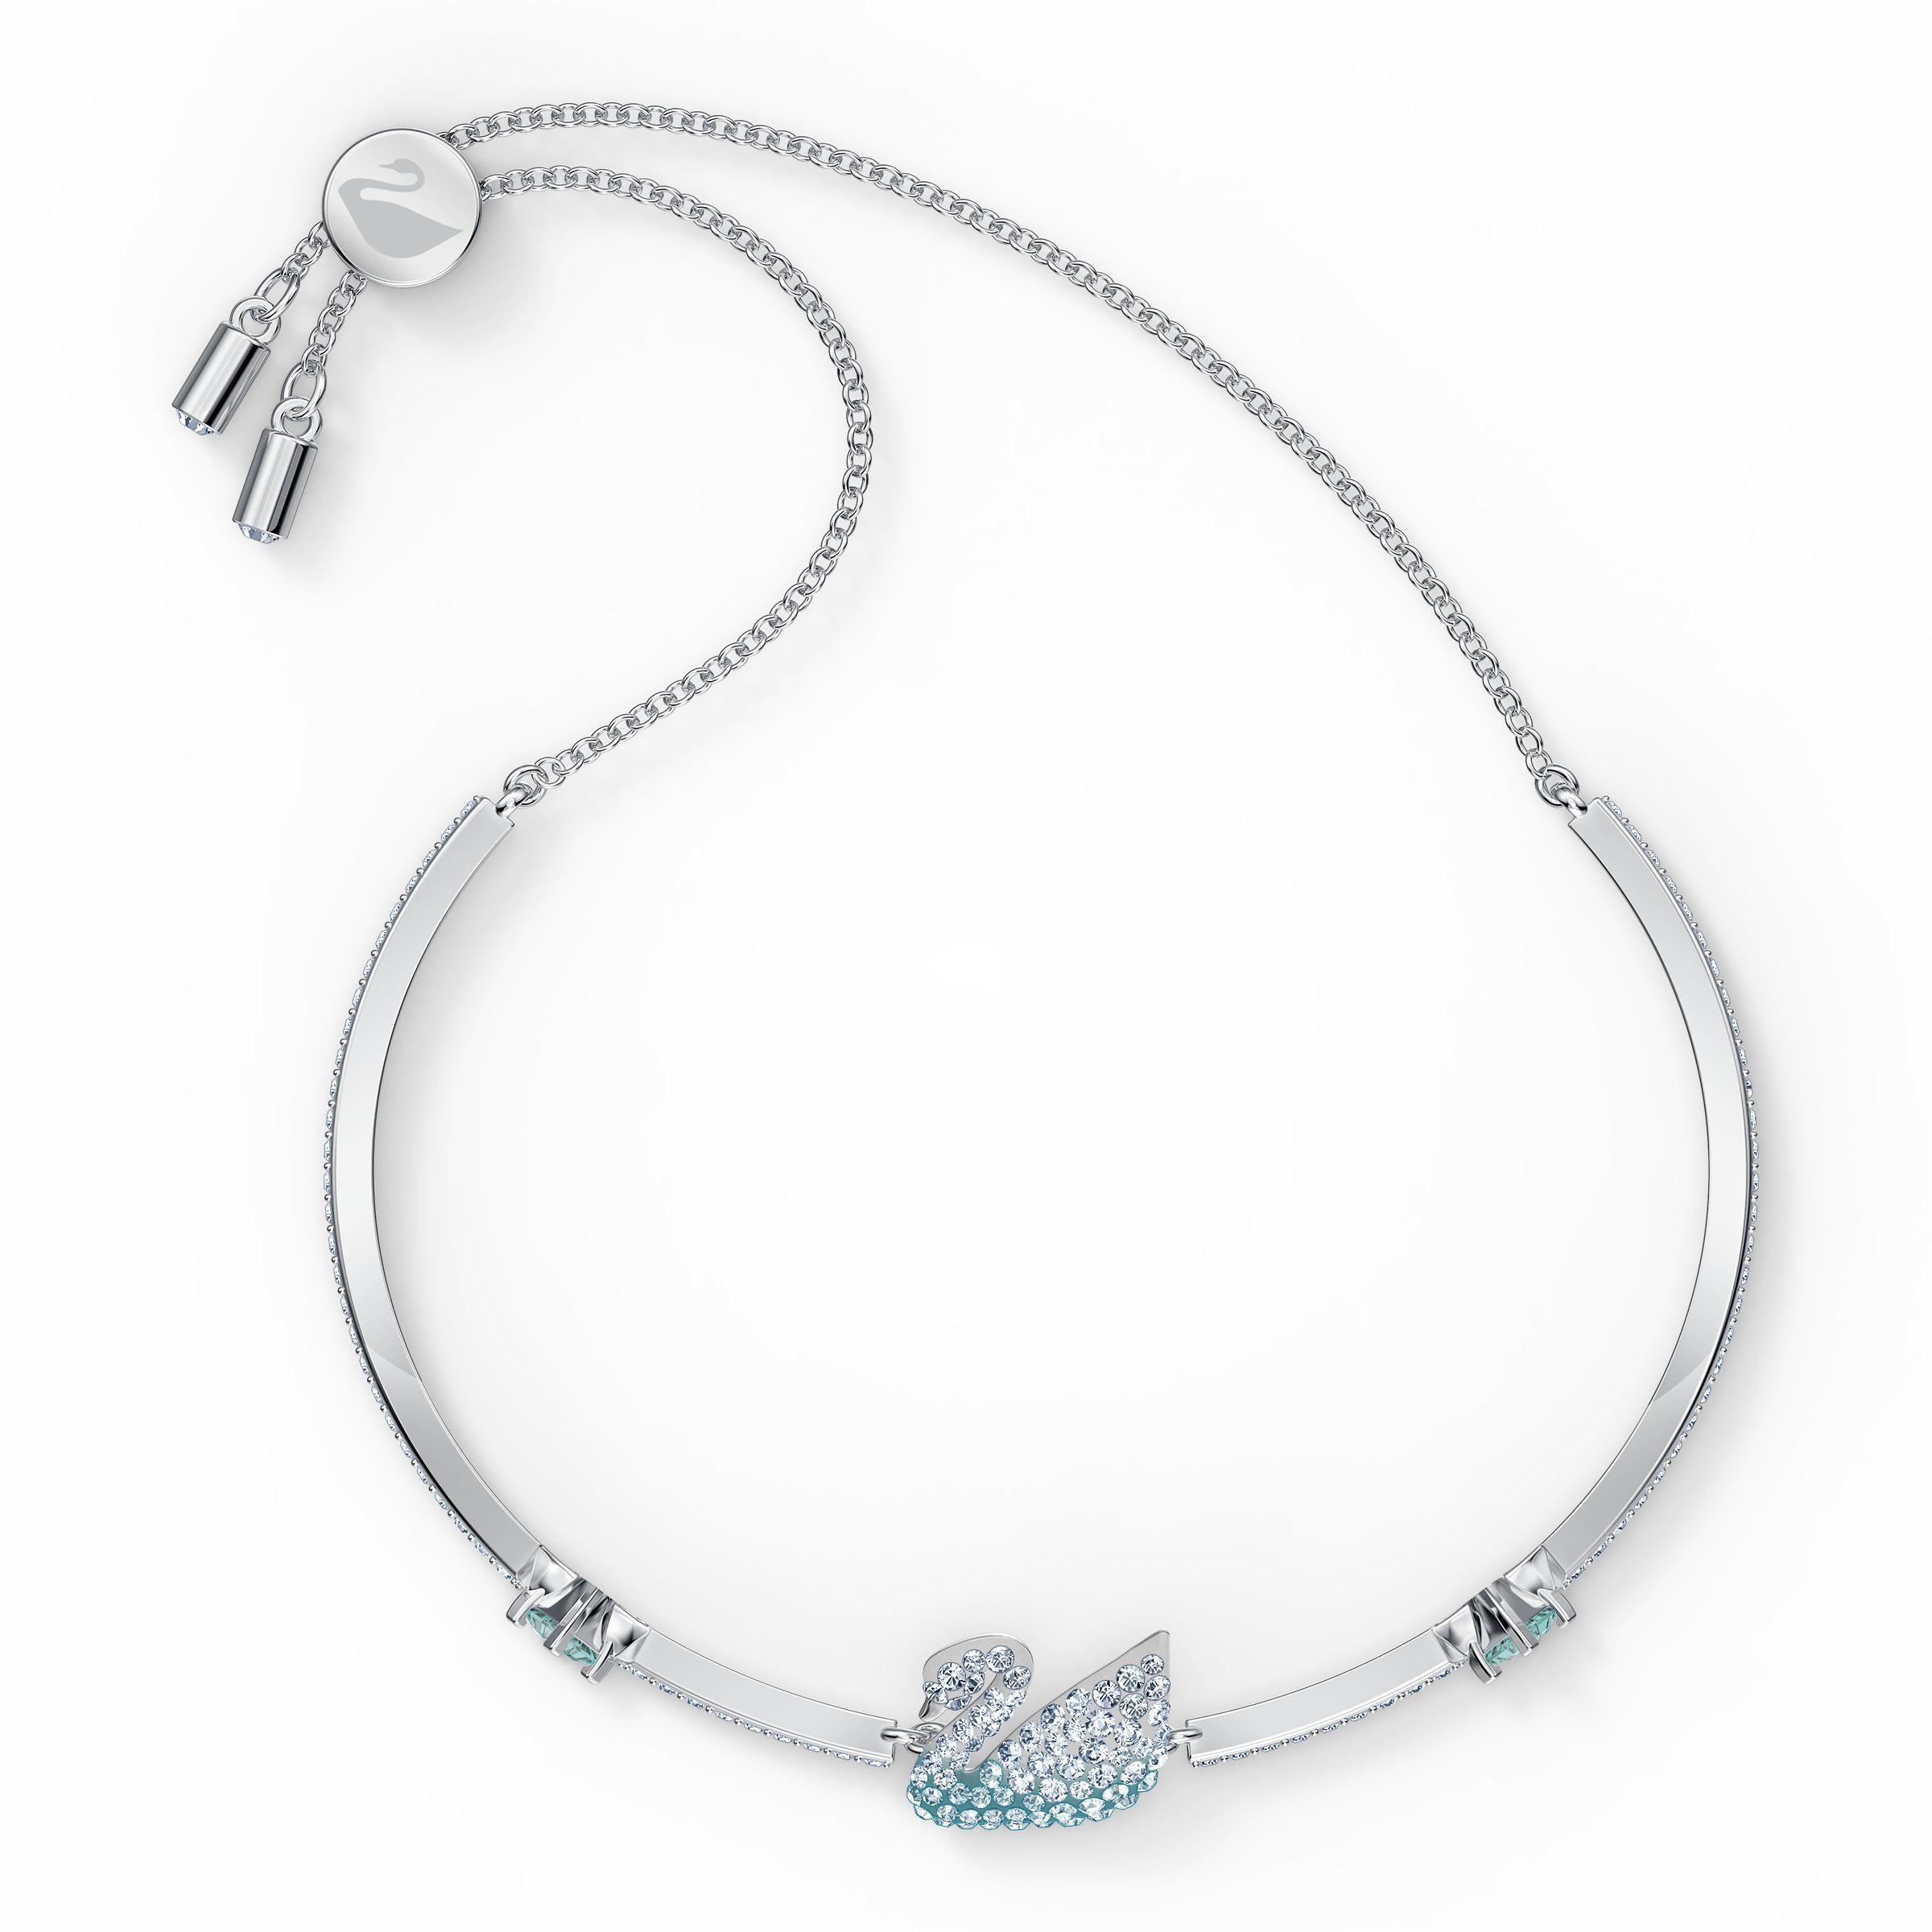 Bracelet-jonc Iconic Swan, bleu, métal rhodié, Swarovski